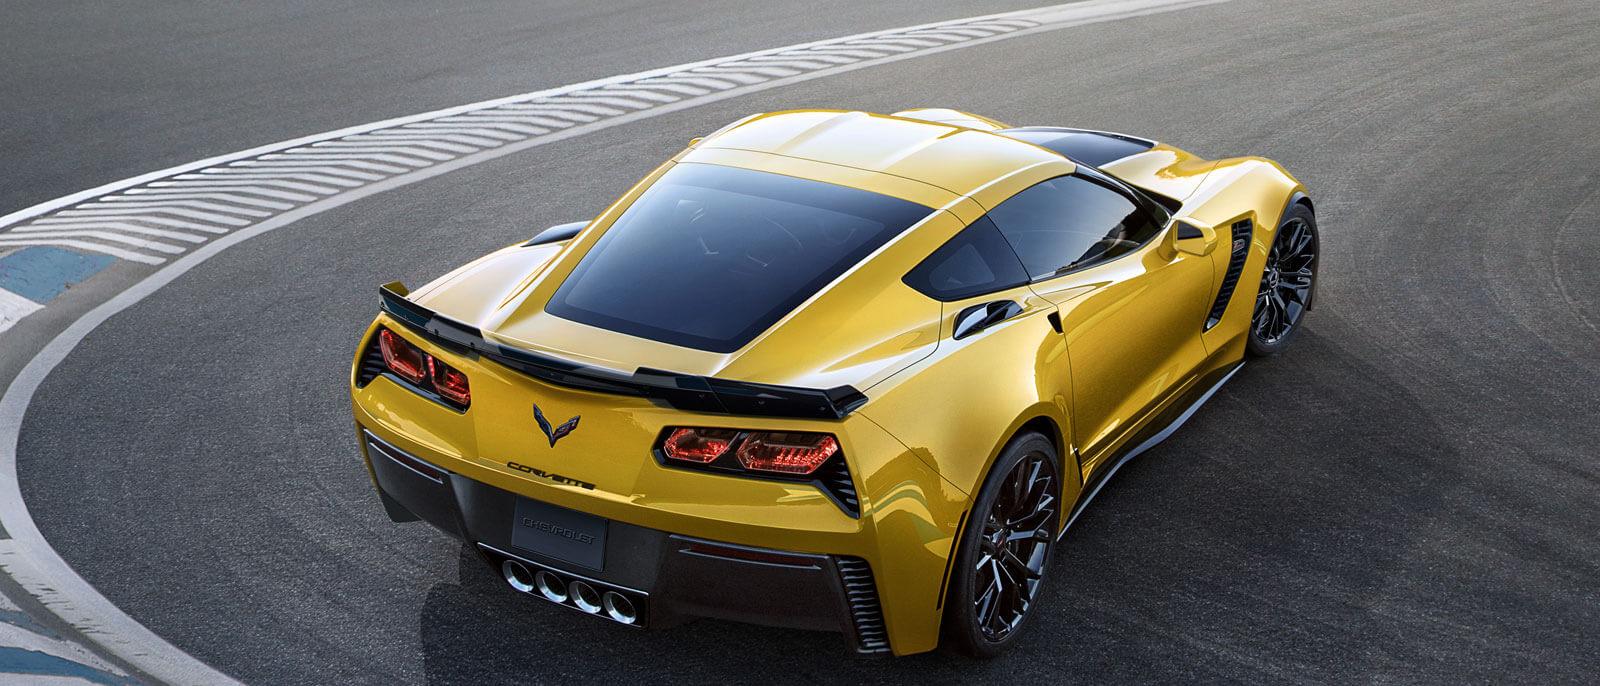 2016 Corvette Z06 rear view